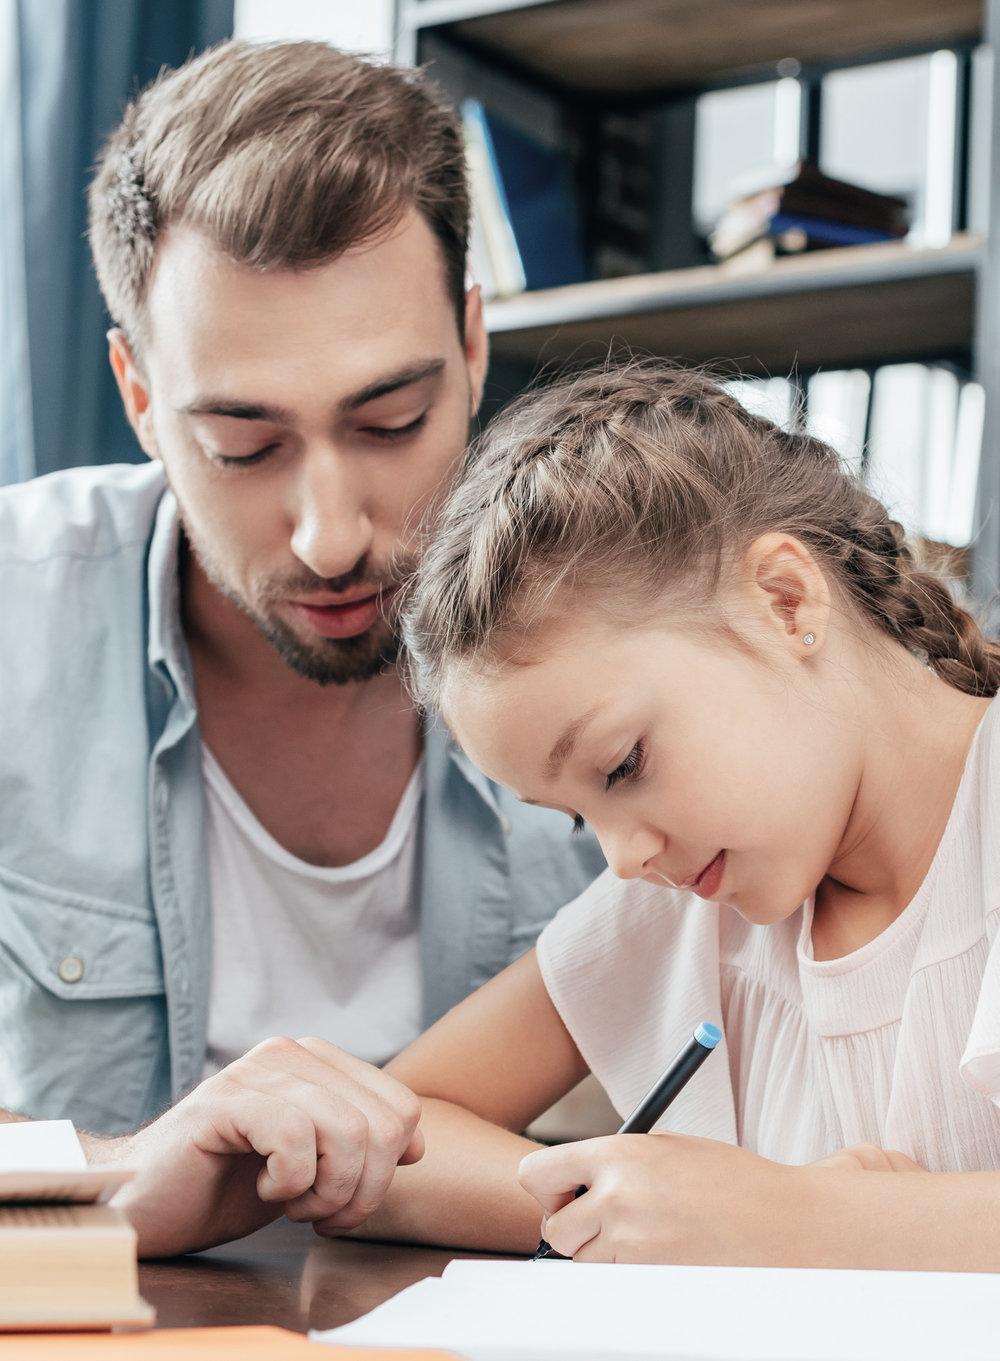 Tavoitteemme - Tavoitteenamme on opettajien, opettajaopiskelijoiden ja ohjaavien opettajien näkökulmasta:·Lisätä osallistujien tietoisuutta ammatilliseen vuorovaikutukseen liittyvistä ilmiöistä· Laajentaa osallistujien kykyä nähdä ja hyödyntää vaihtoehtoisia toimintatapoja erilaisissa opetukseen liittyvissä vuorovaikutustilanteissa· Kannustaa osallistujia luomaan positiivista johtajuutta ja positiivista oppimisilmapiiriä, vaikka ammatilliseen vuorovaikutukseen liittyisi ehkä myös kielteisiätunteita.